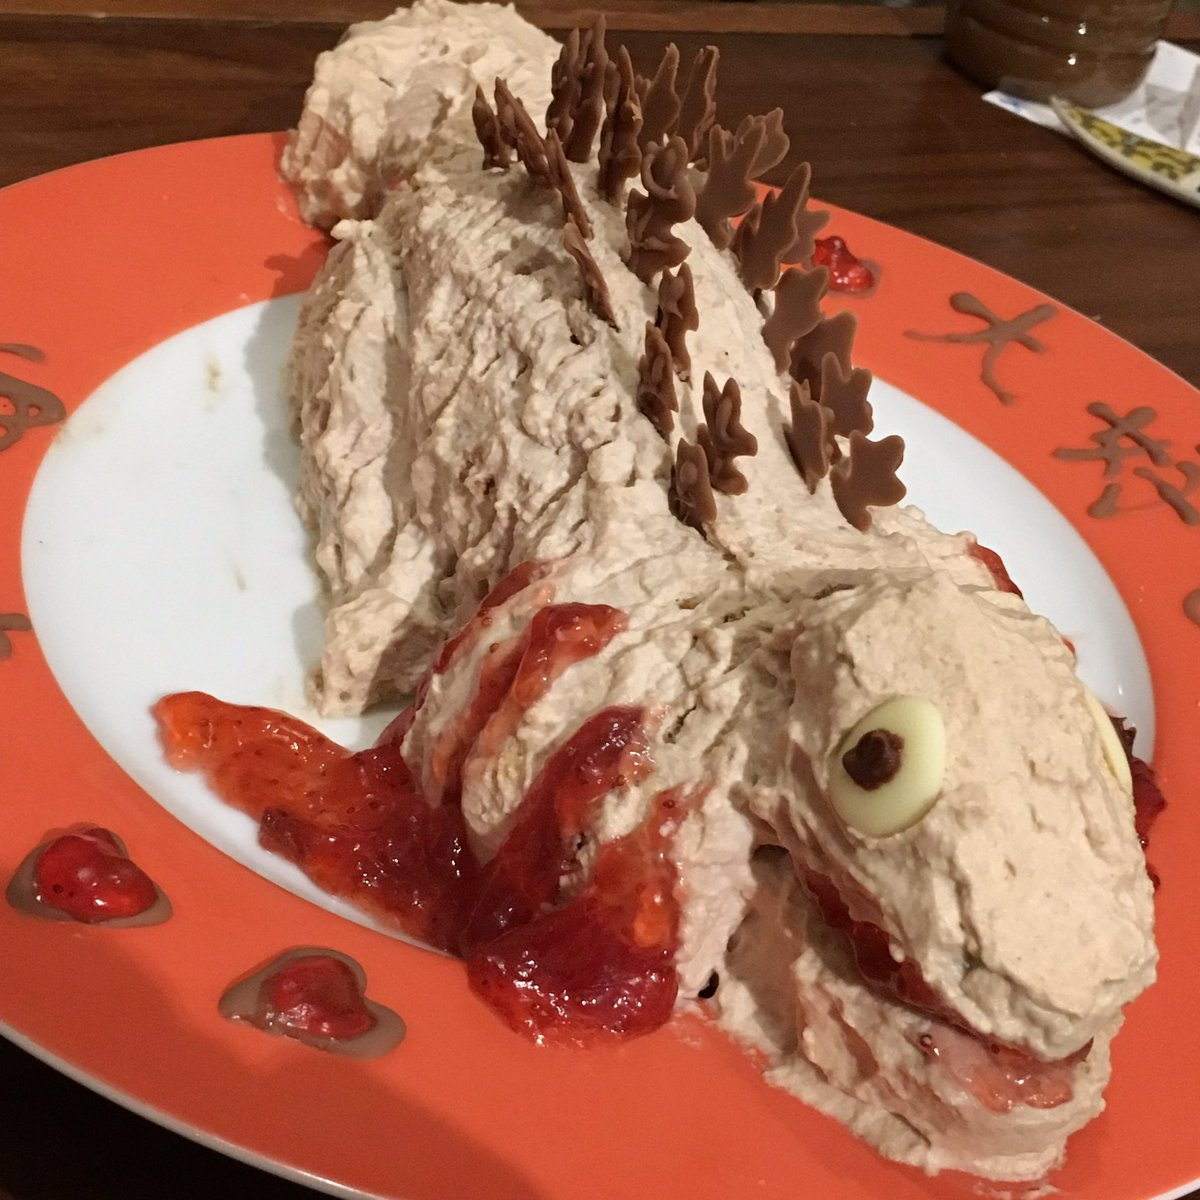 嫁からの誕生日ケーキがやばい pic.twitter.com/GFUbkBLimy